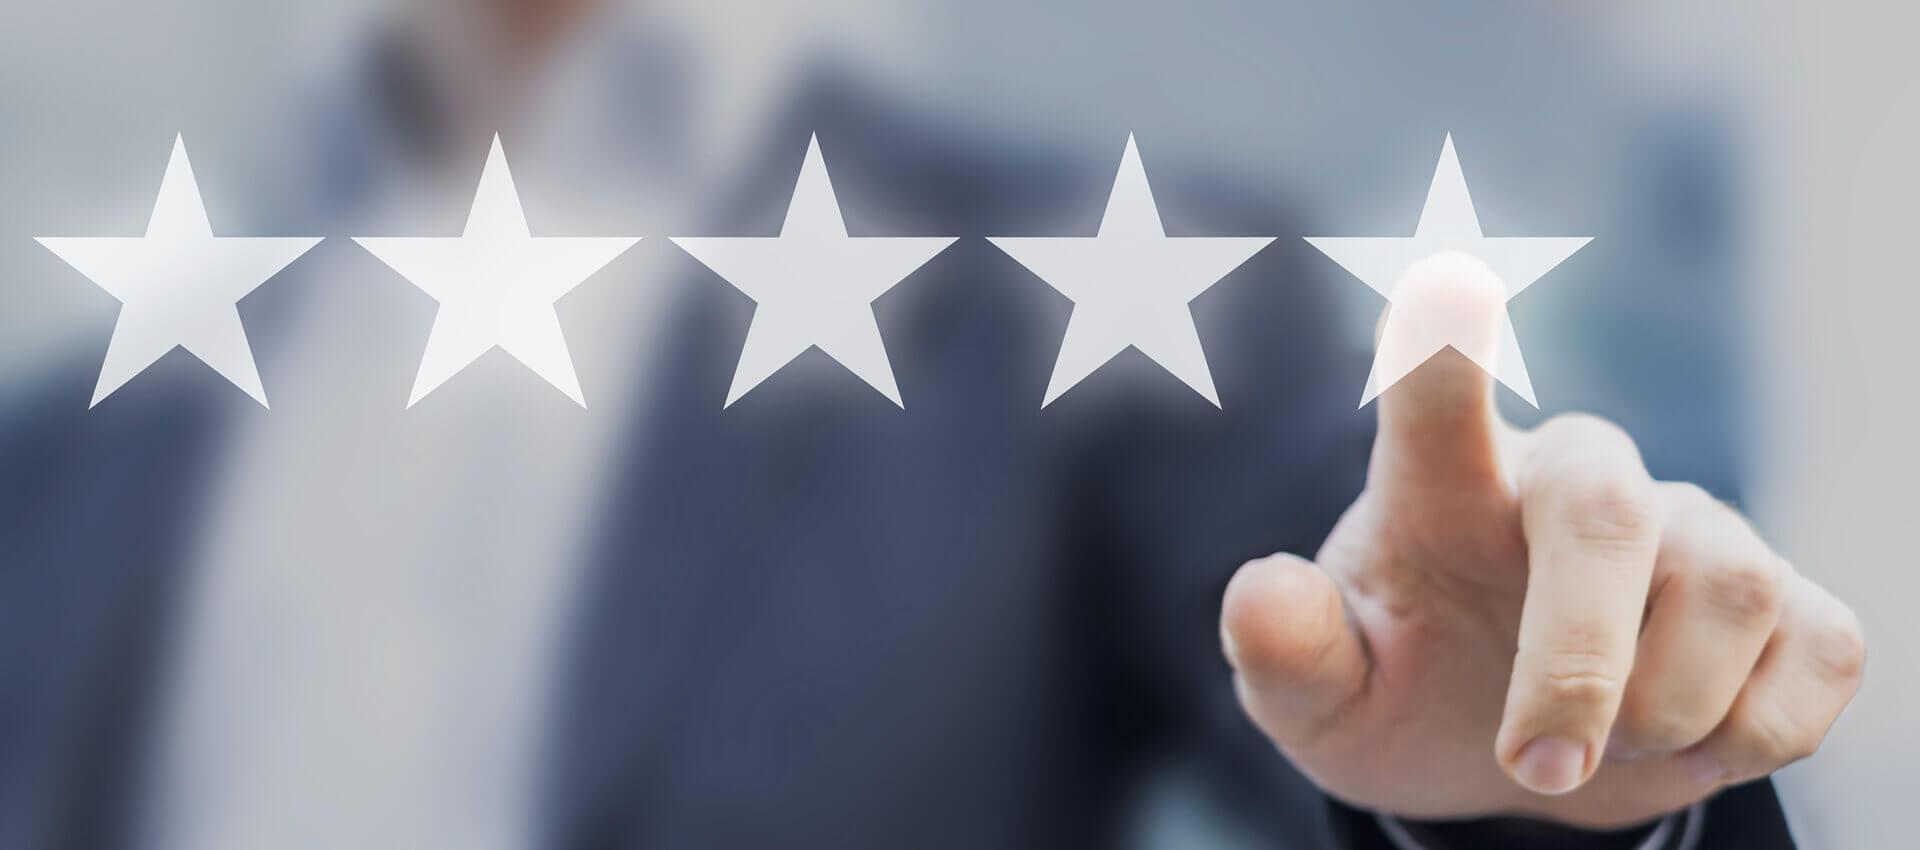 Team4IT IT-Serviceleistungen Referenzen